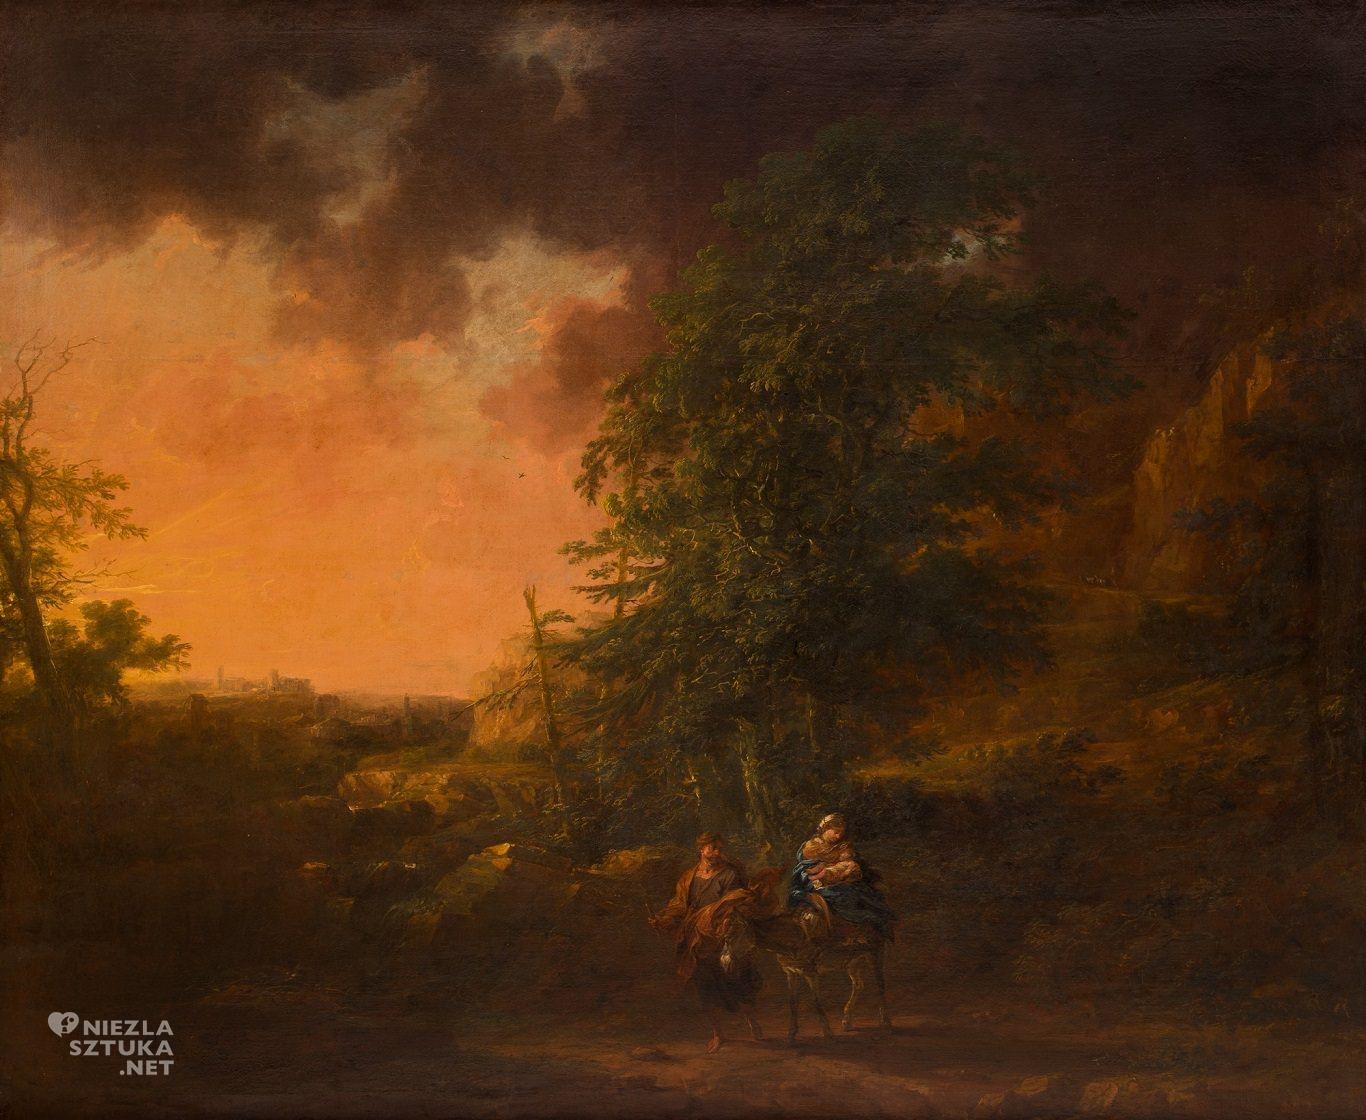 Michael Willmann, Ucieczka do Egiptu, barok, Śląsk, malarstwo religijne, Niezła Sztuka